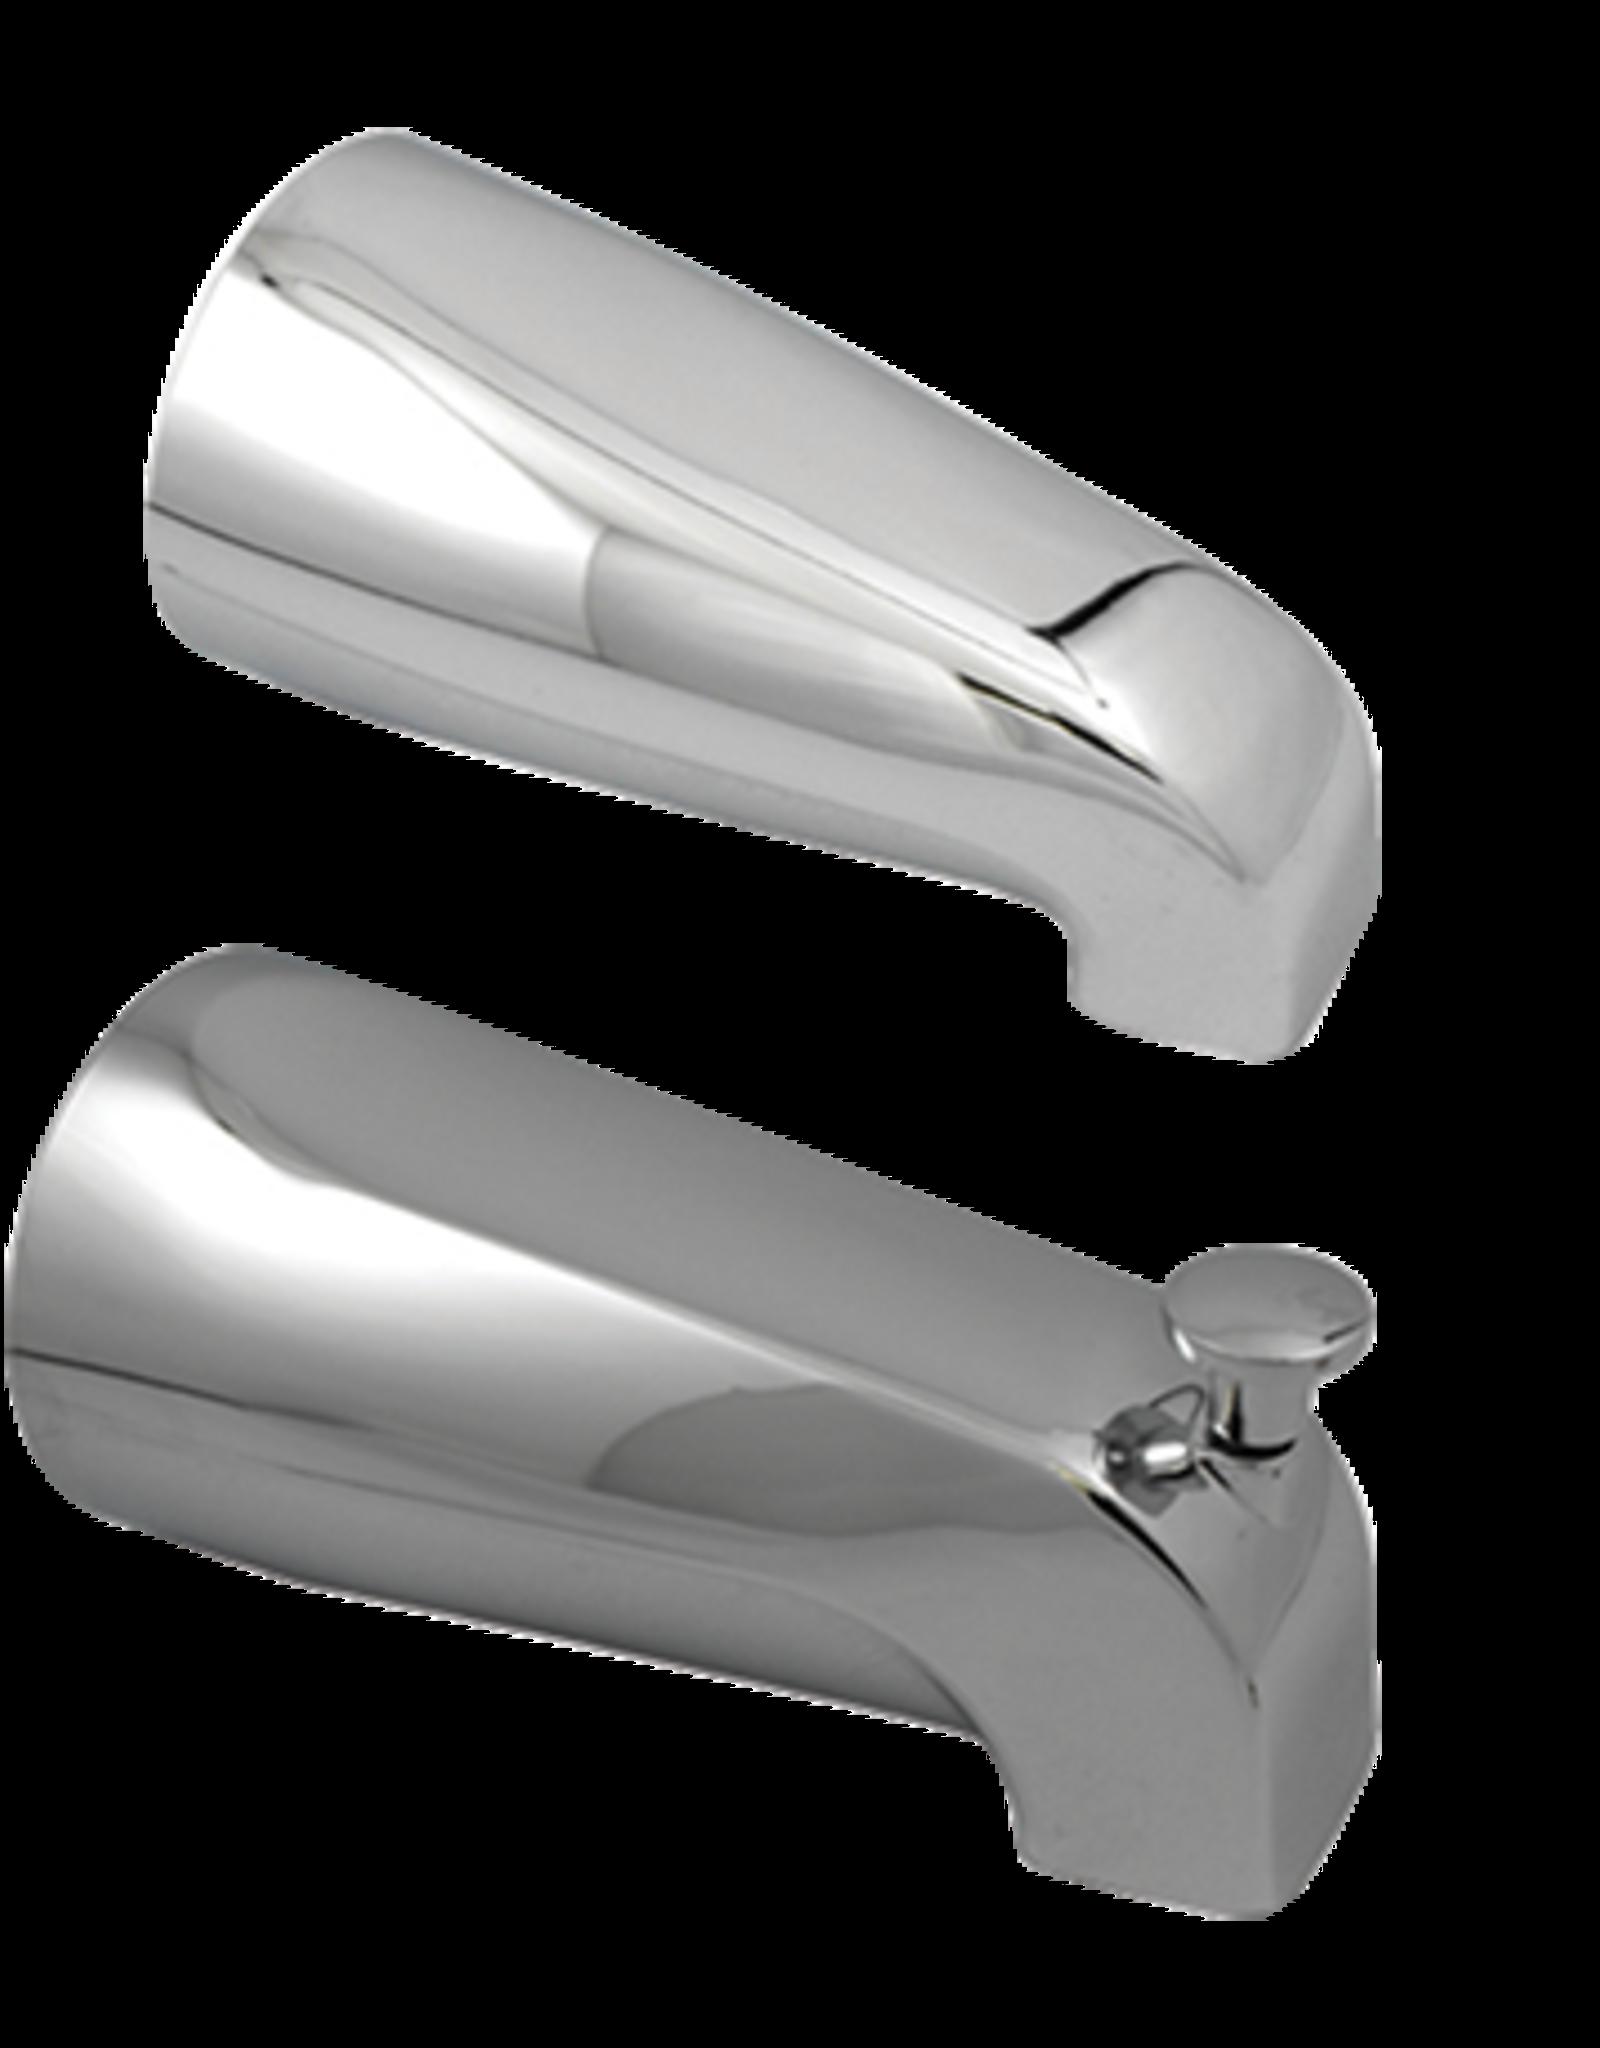 Universal Tub Spout W/ Diverter- Chrome